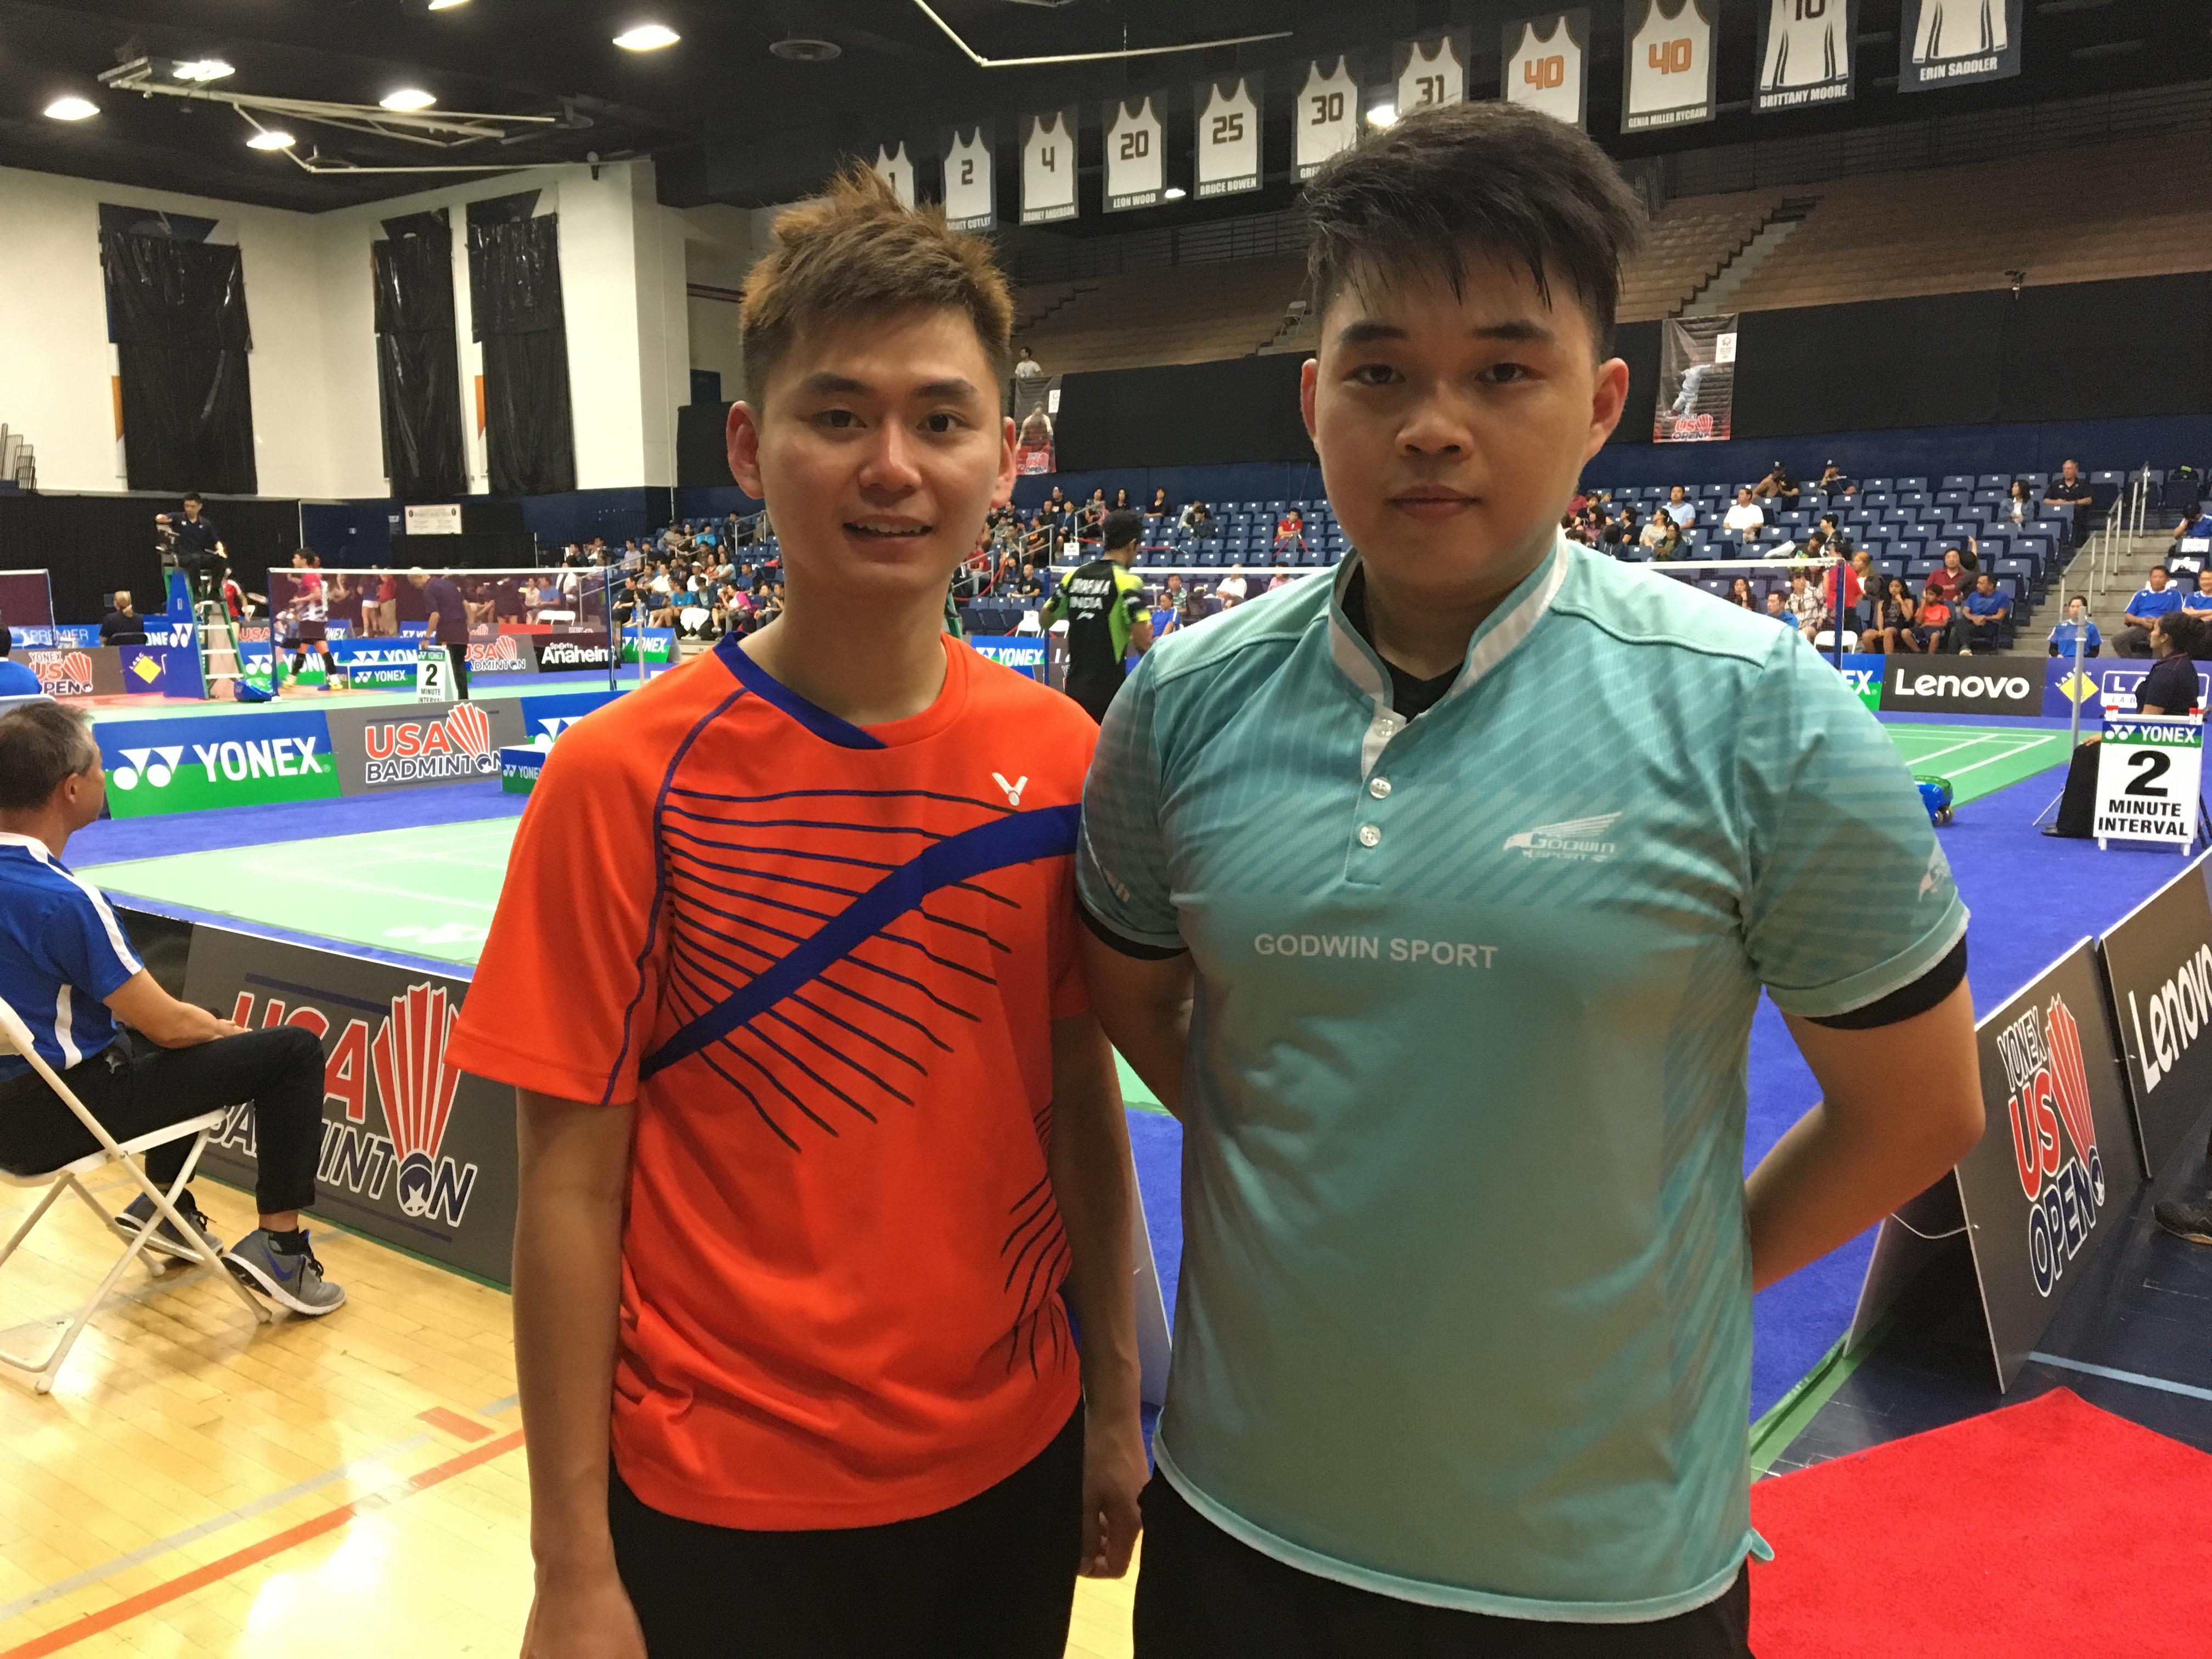 台灣雙打選手甘超宇(左)、廖啟宏(右)13日對陣韓國選手,以2比1失利。(記者啟鉻/攝影)